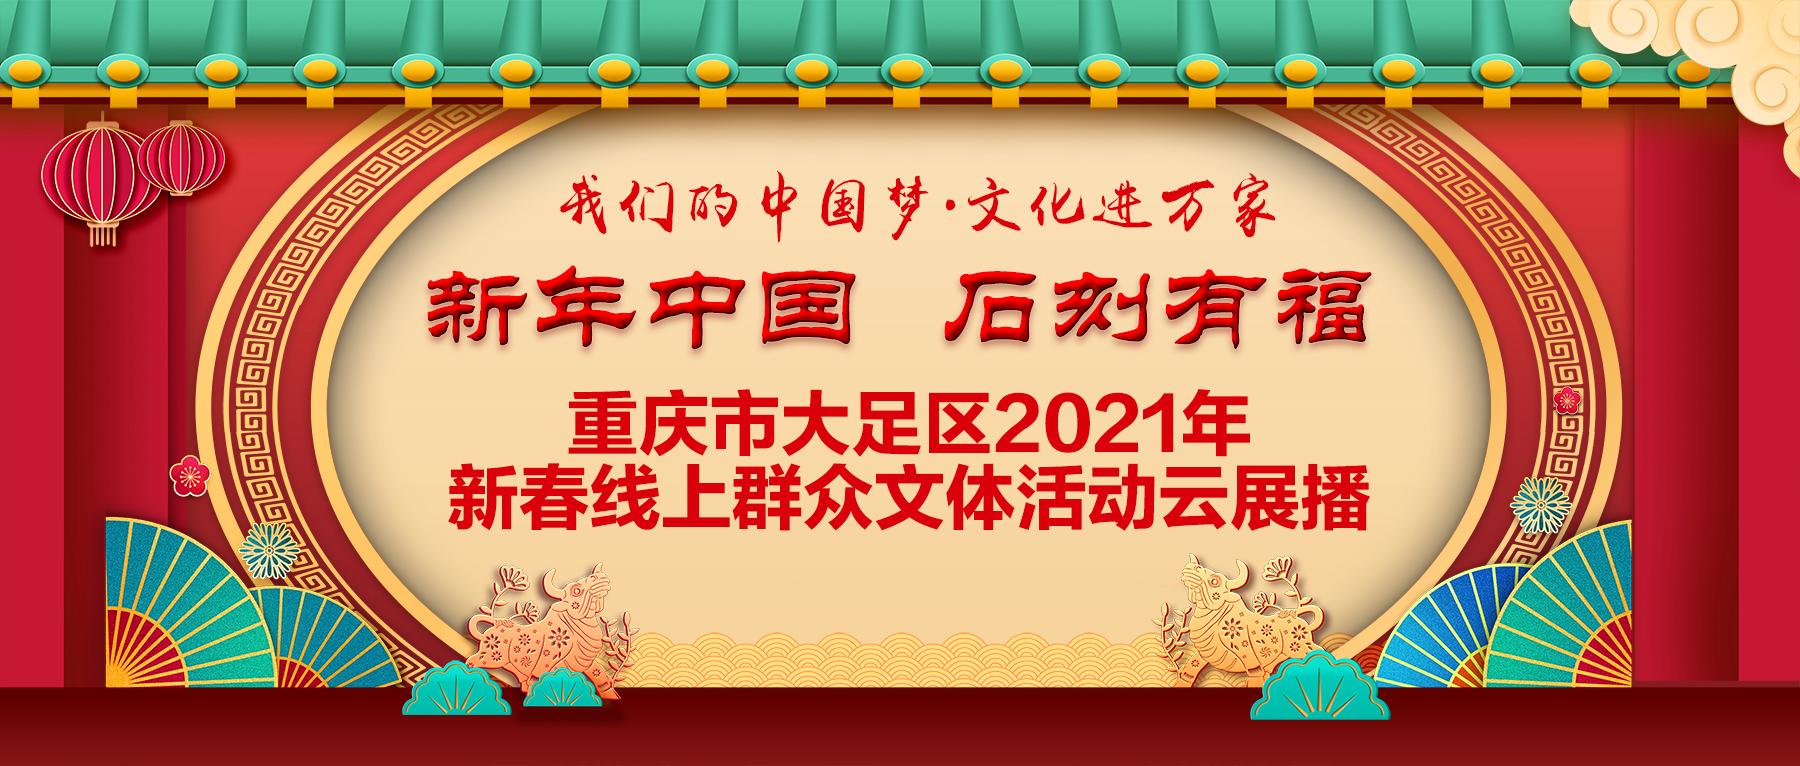 重庆市大足区2021年新春线上群众问题活动云展播